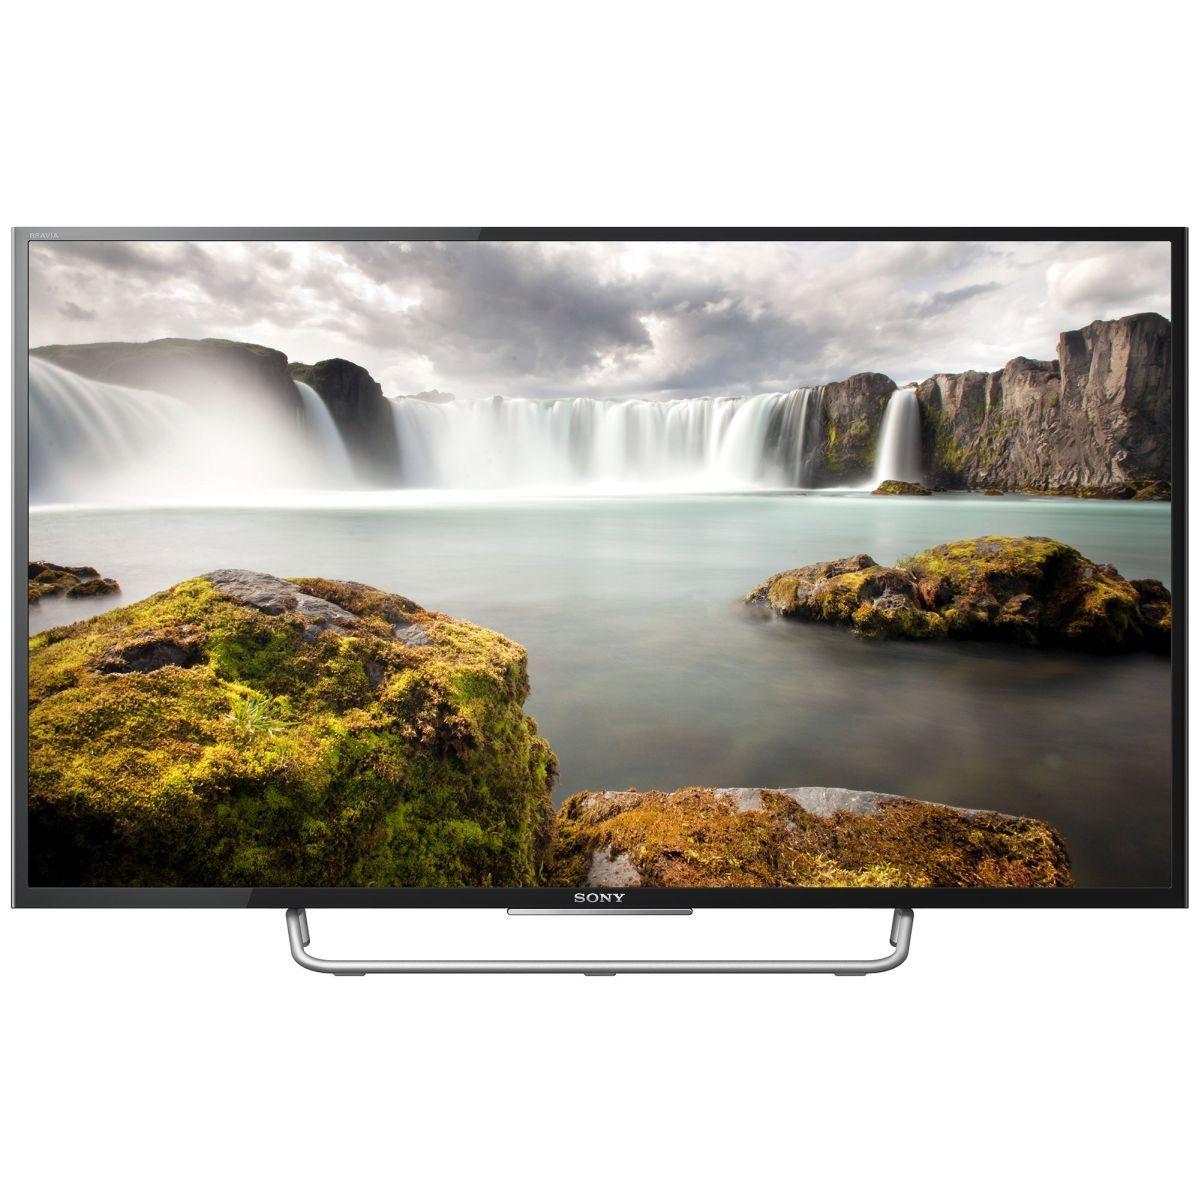 Sony 40W705C - televizorul Full HD de calitate superioară . Cei de la Sony reușesc de fiecare dată să inoveze prin seriile de televizoare lansate. În cazul seriei W din 2015, lucrurile merg atât de departe... http://www.gadget-review.ro/sony-40w705c/